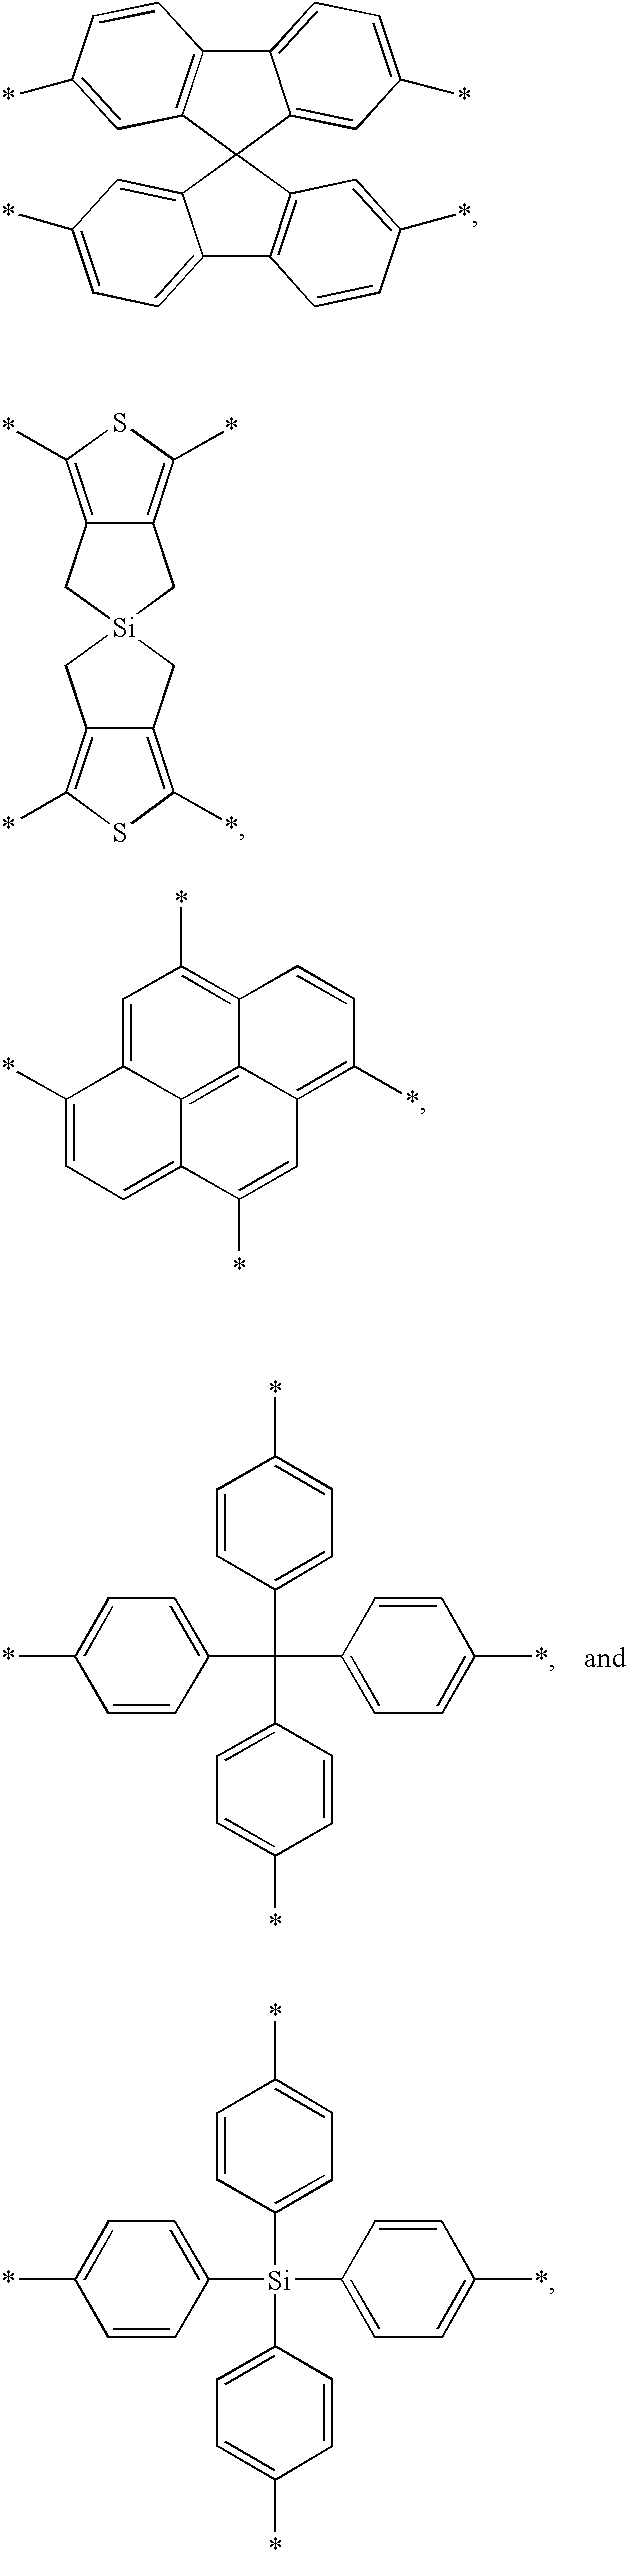 Figure US20070107835A1-20070517-C00085